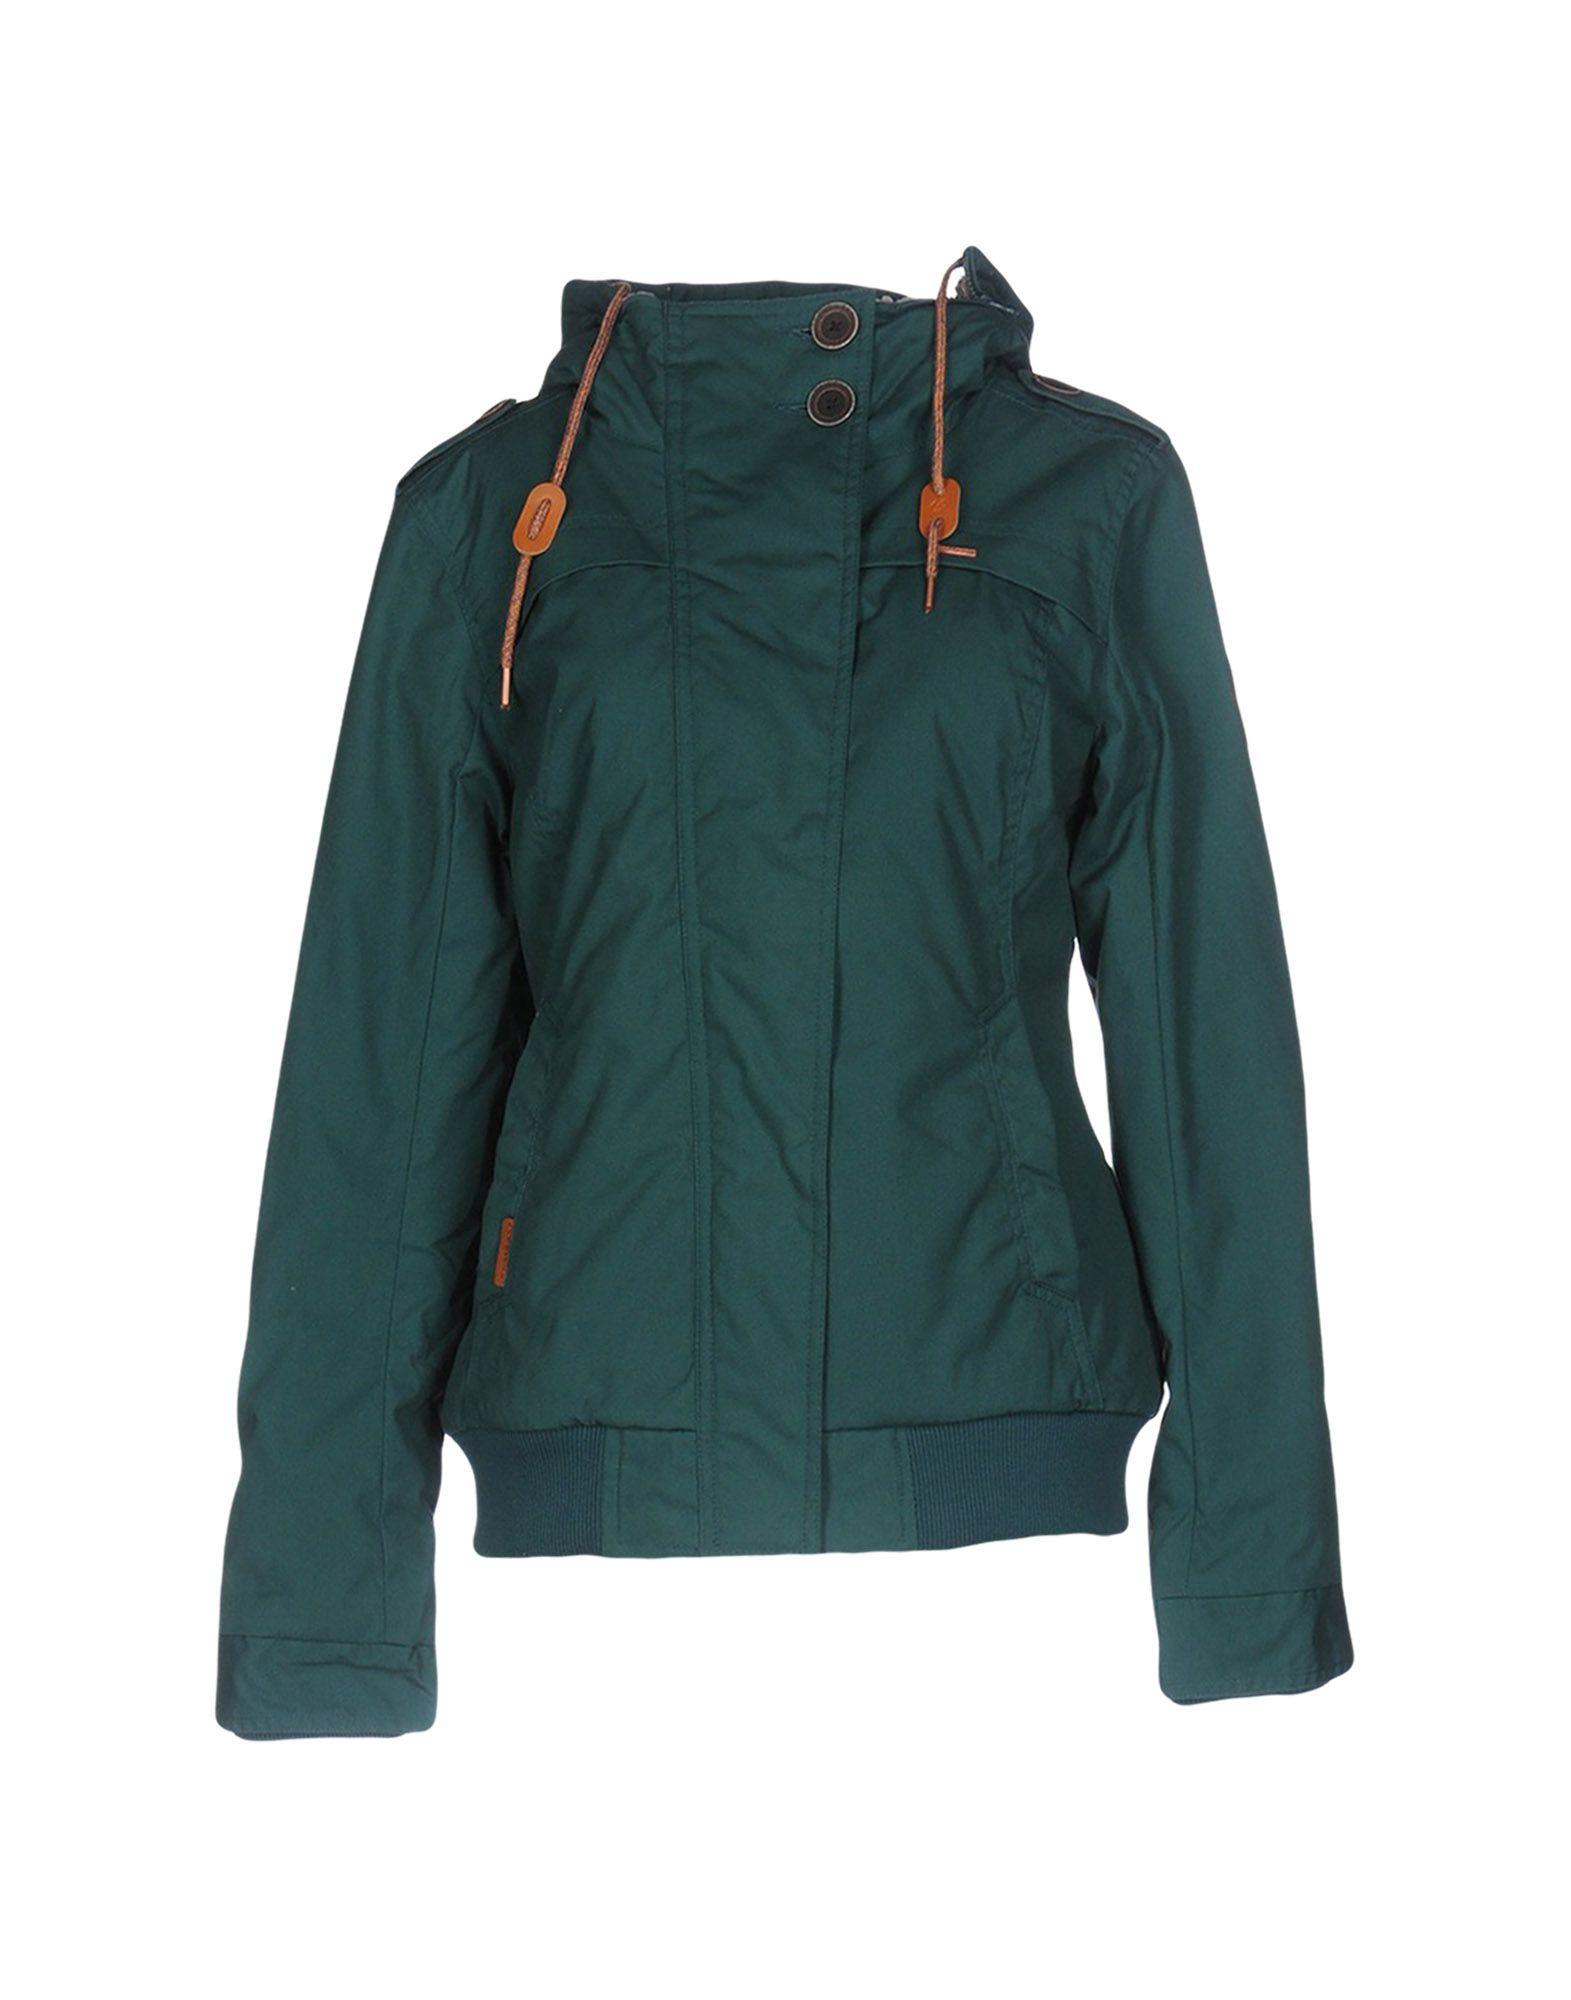 RAGWEAR Damen Jacke Farbe Grün Größe 3